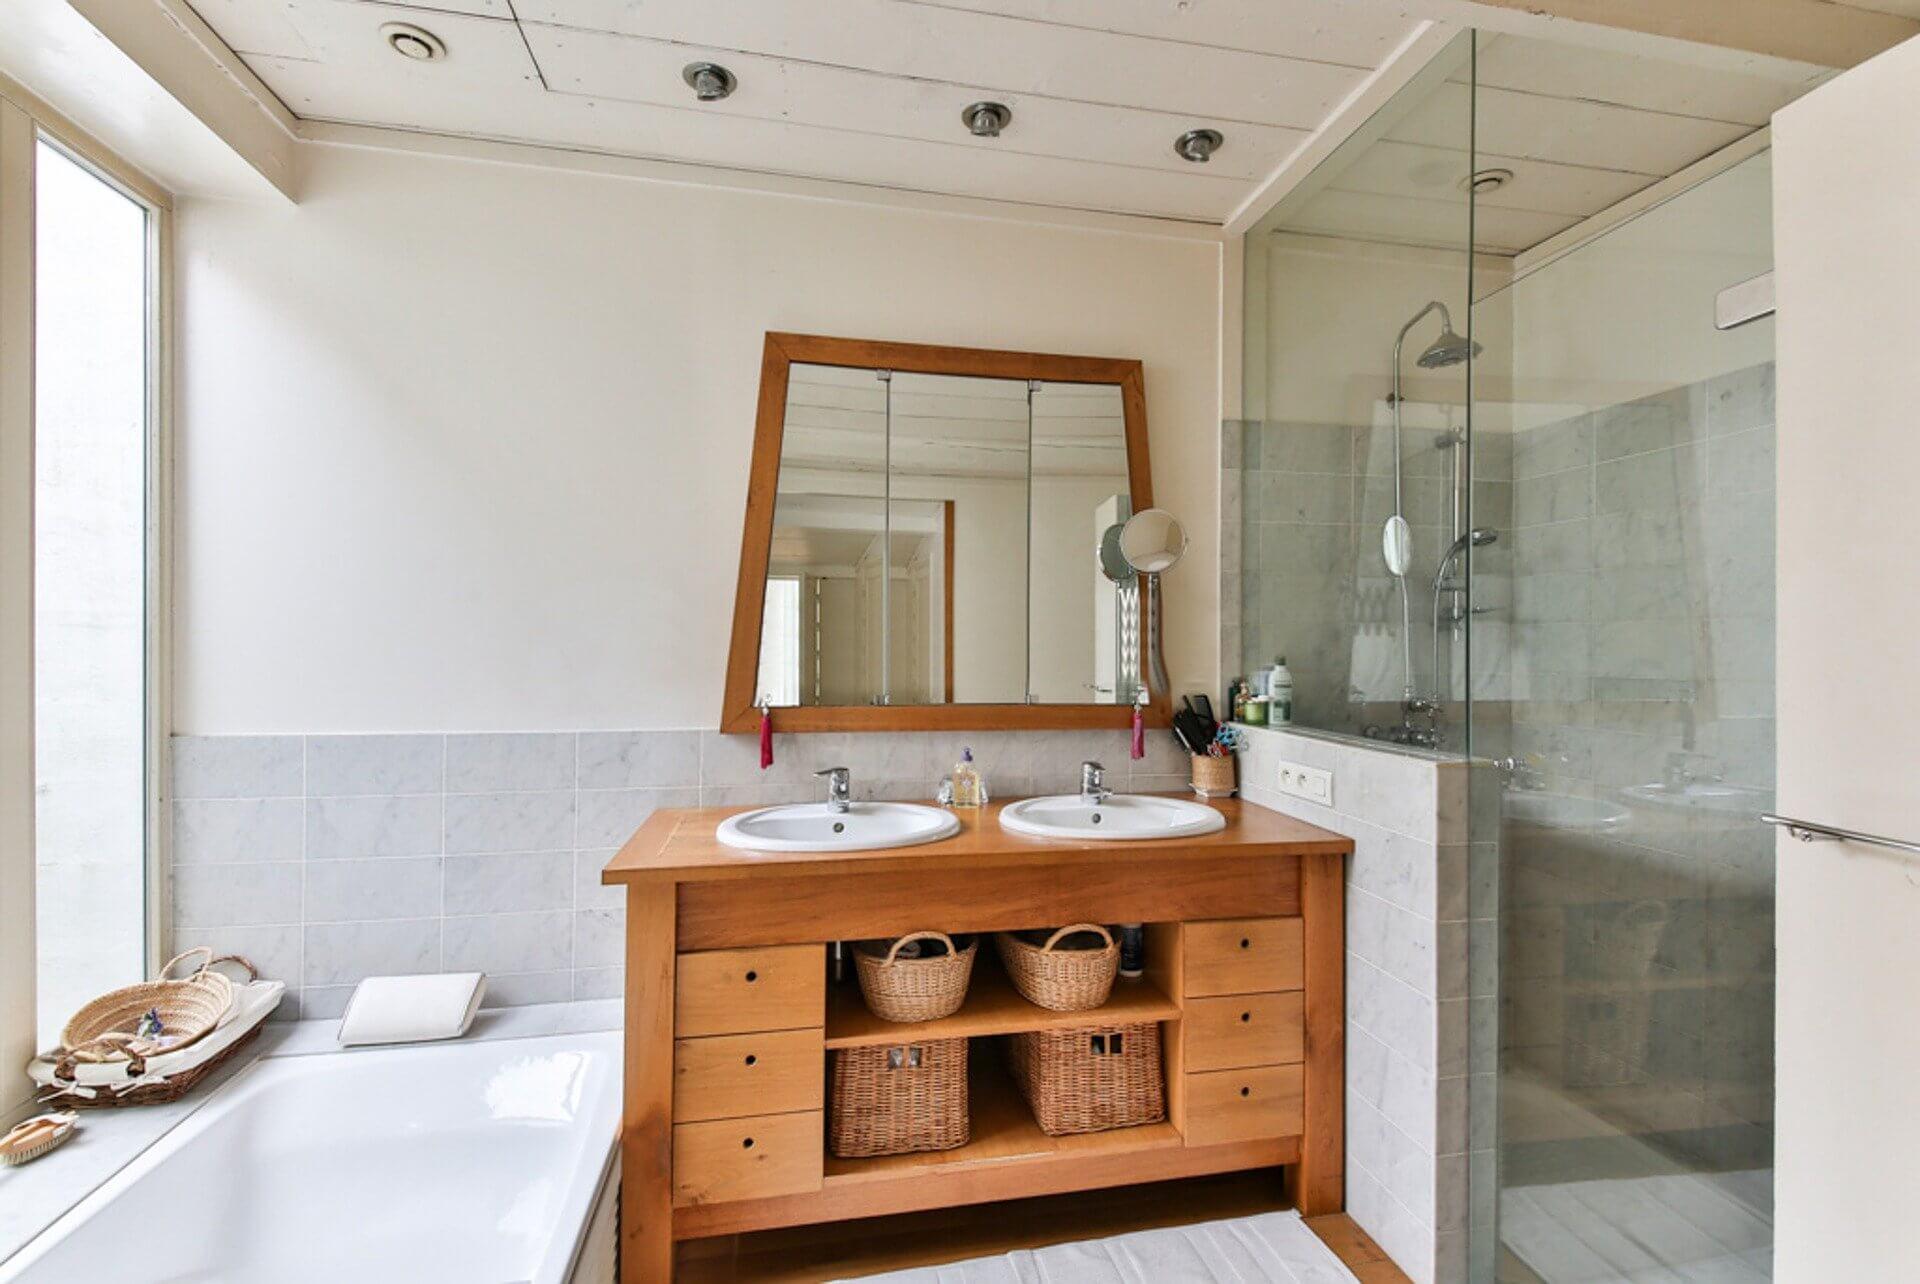 meubles salle de bain choisir